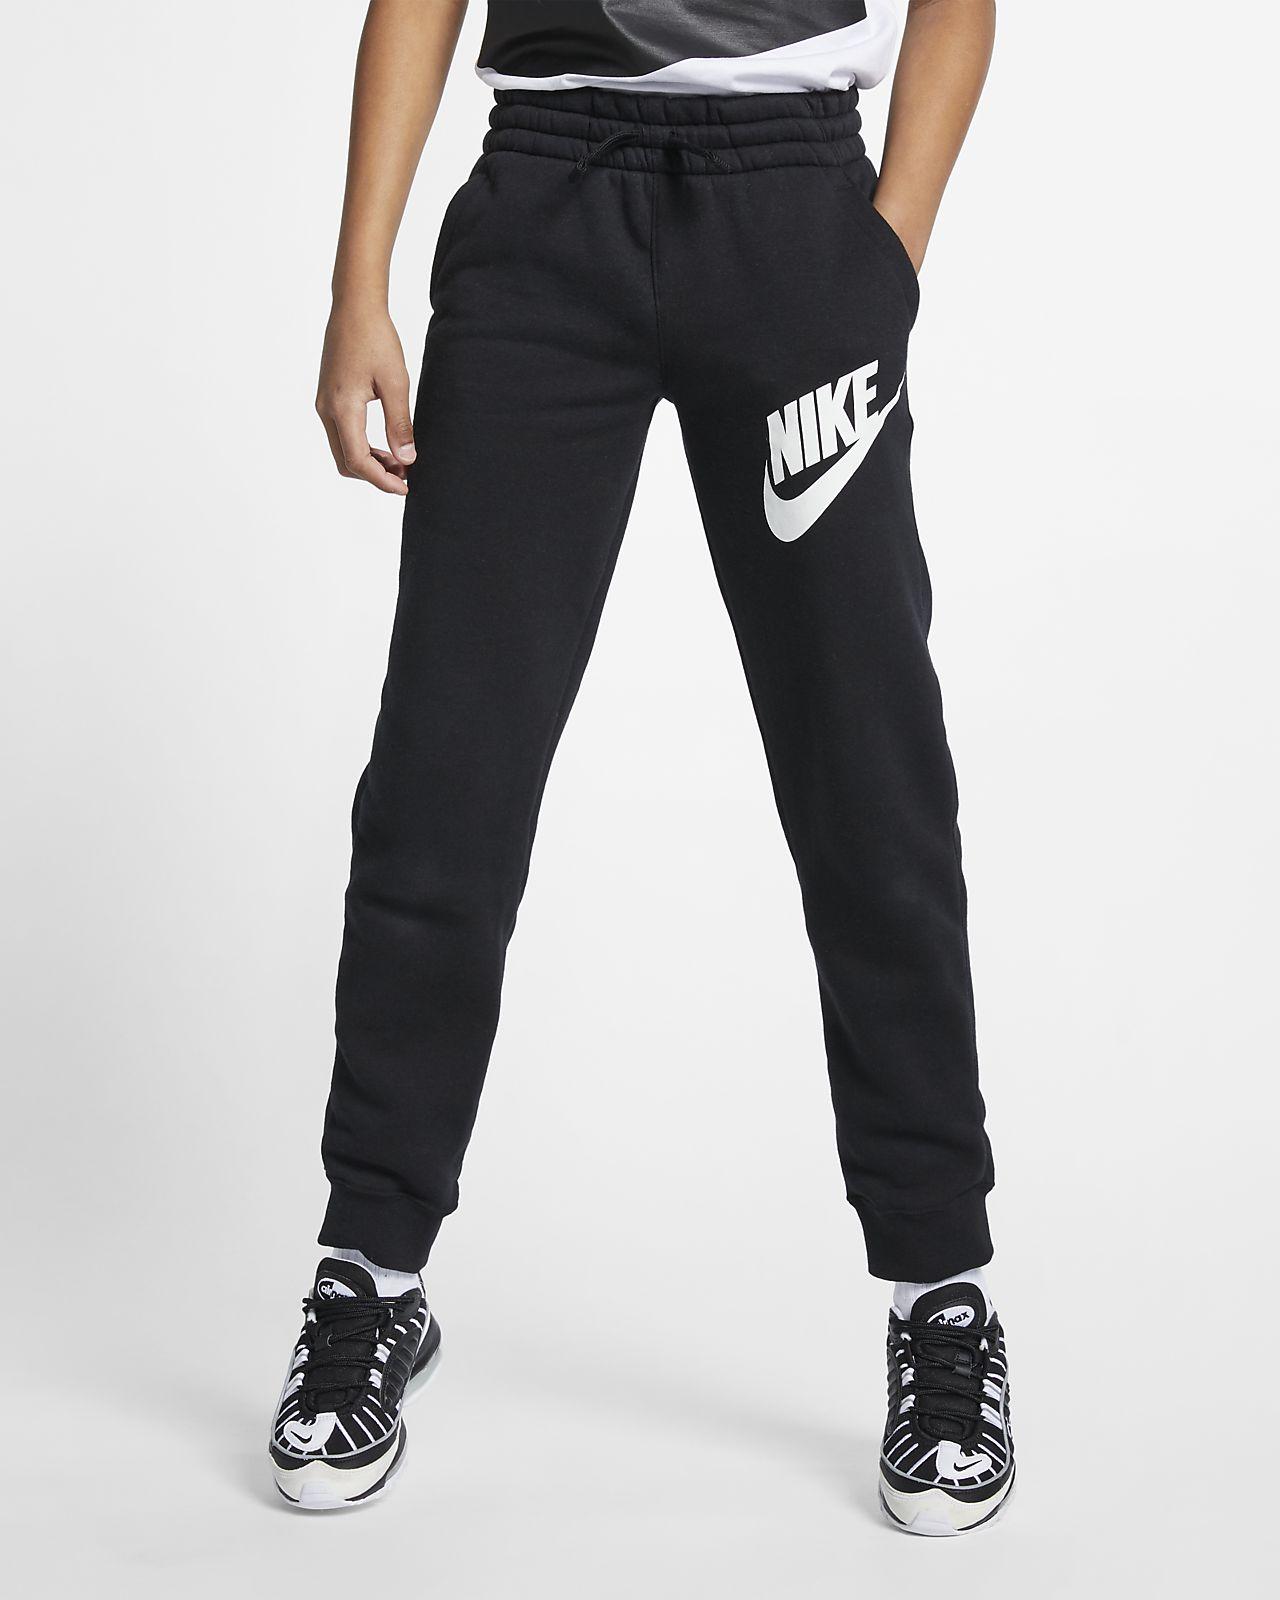 852c0ad28 Nike Sportswear Club Fleece bukse til store barn (gutt)